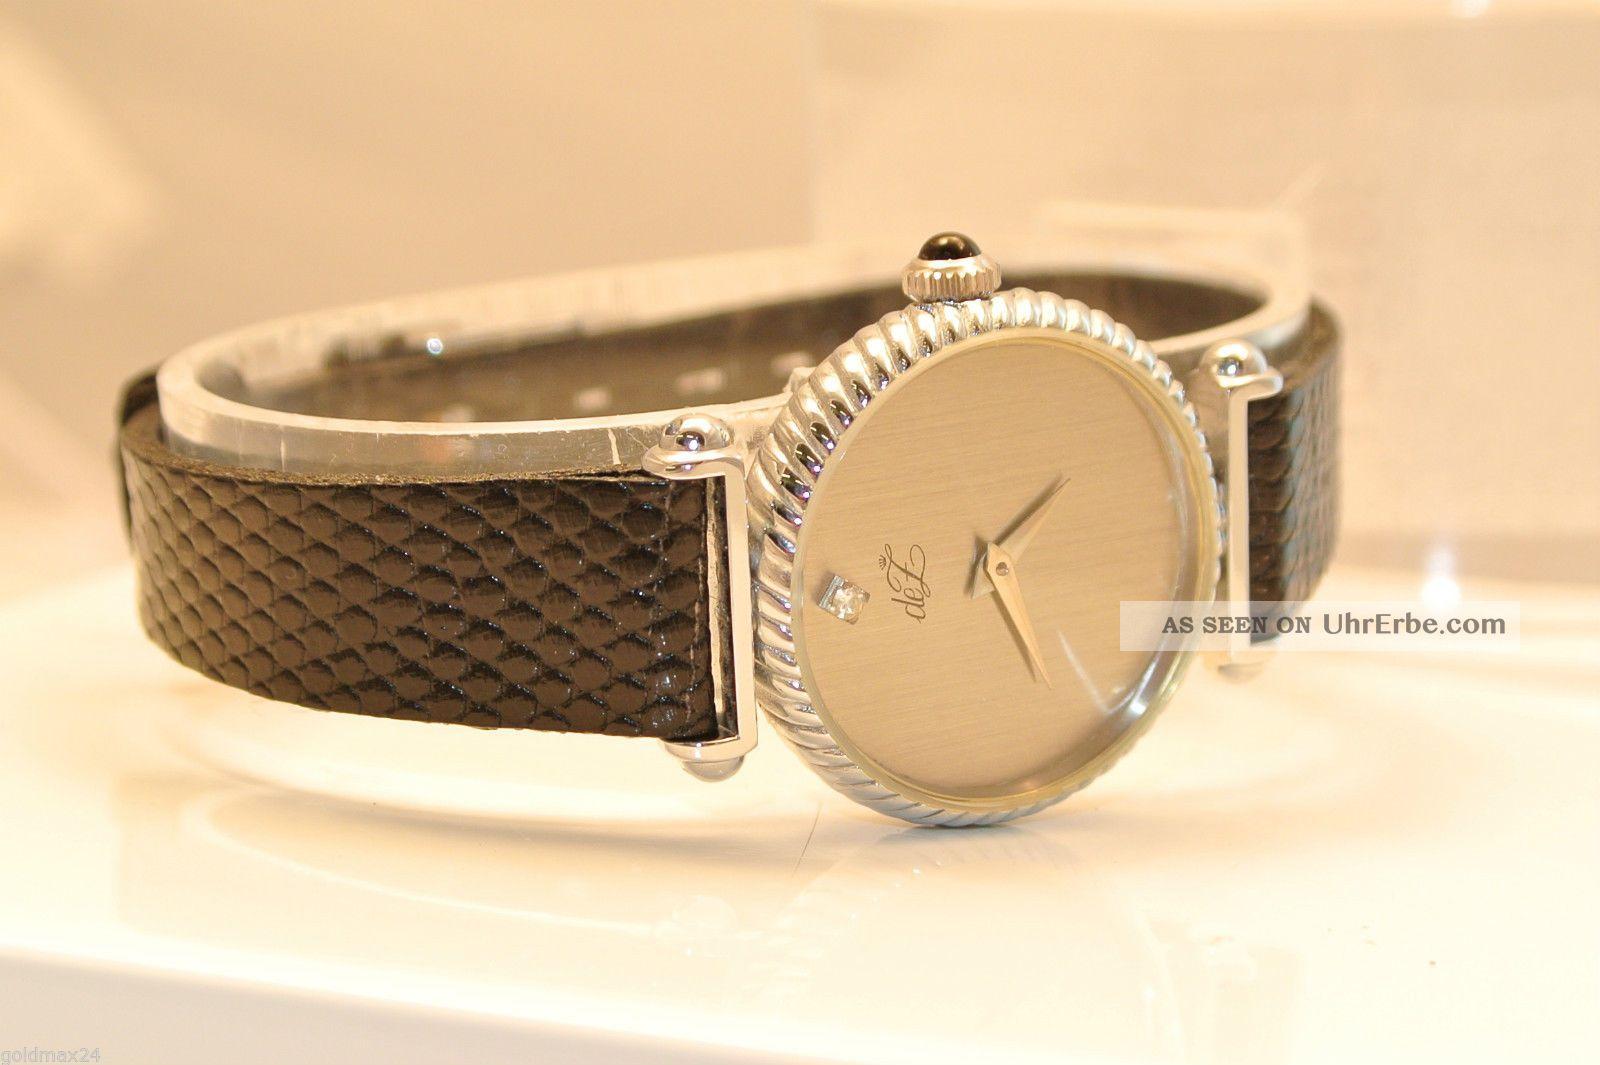 Zent Ra - Elegant Damenarmbanduhr / Handaufzug Armbanduhren Bild